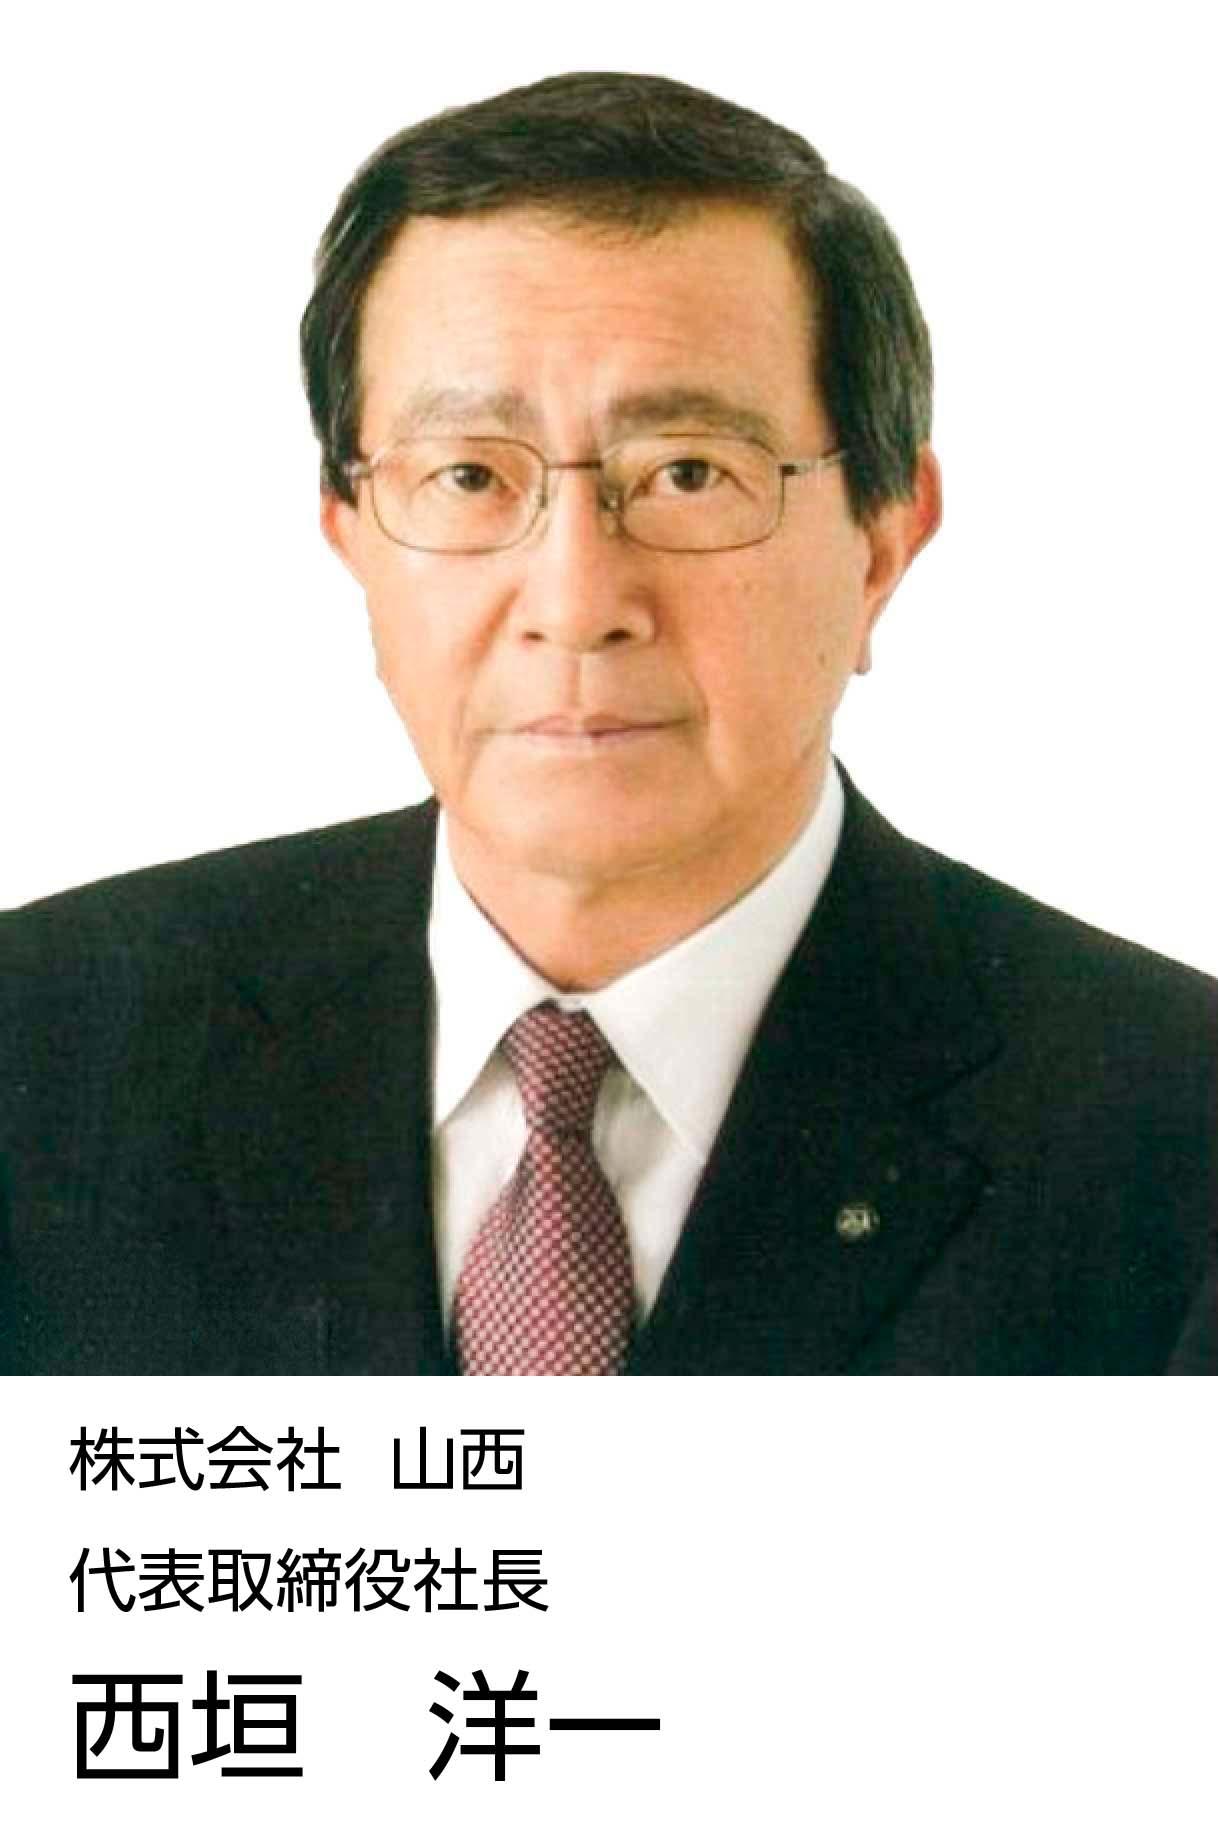 代表取締役社長 西垣洋一